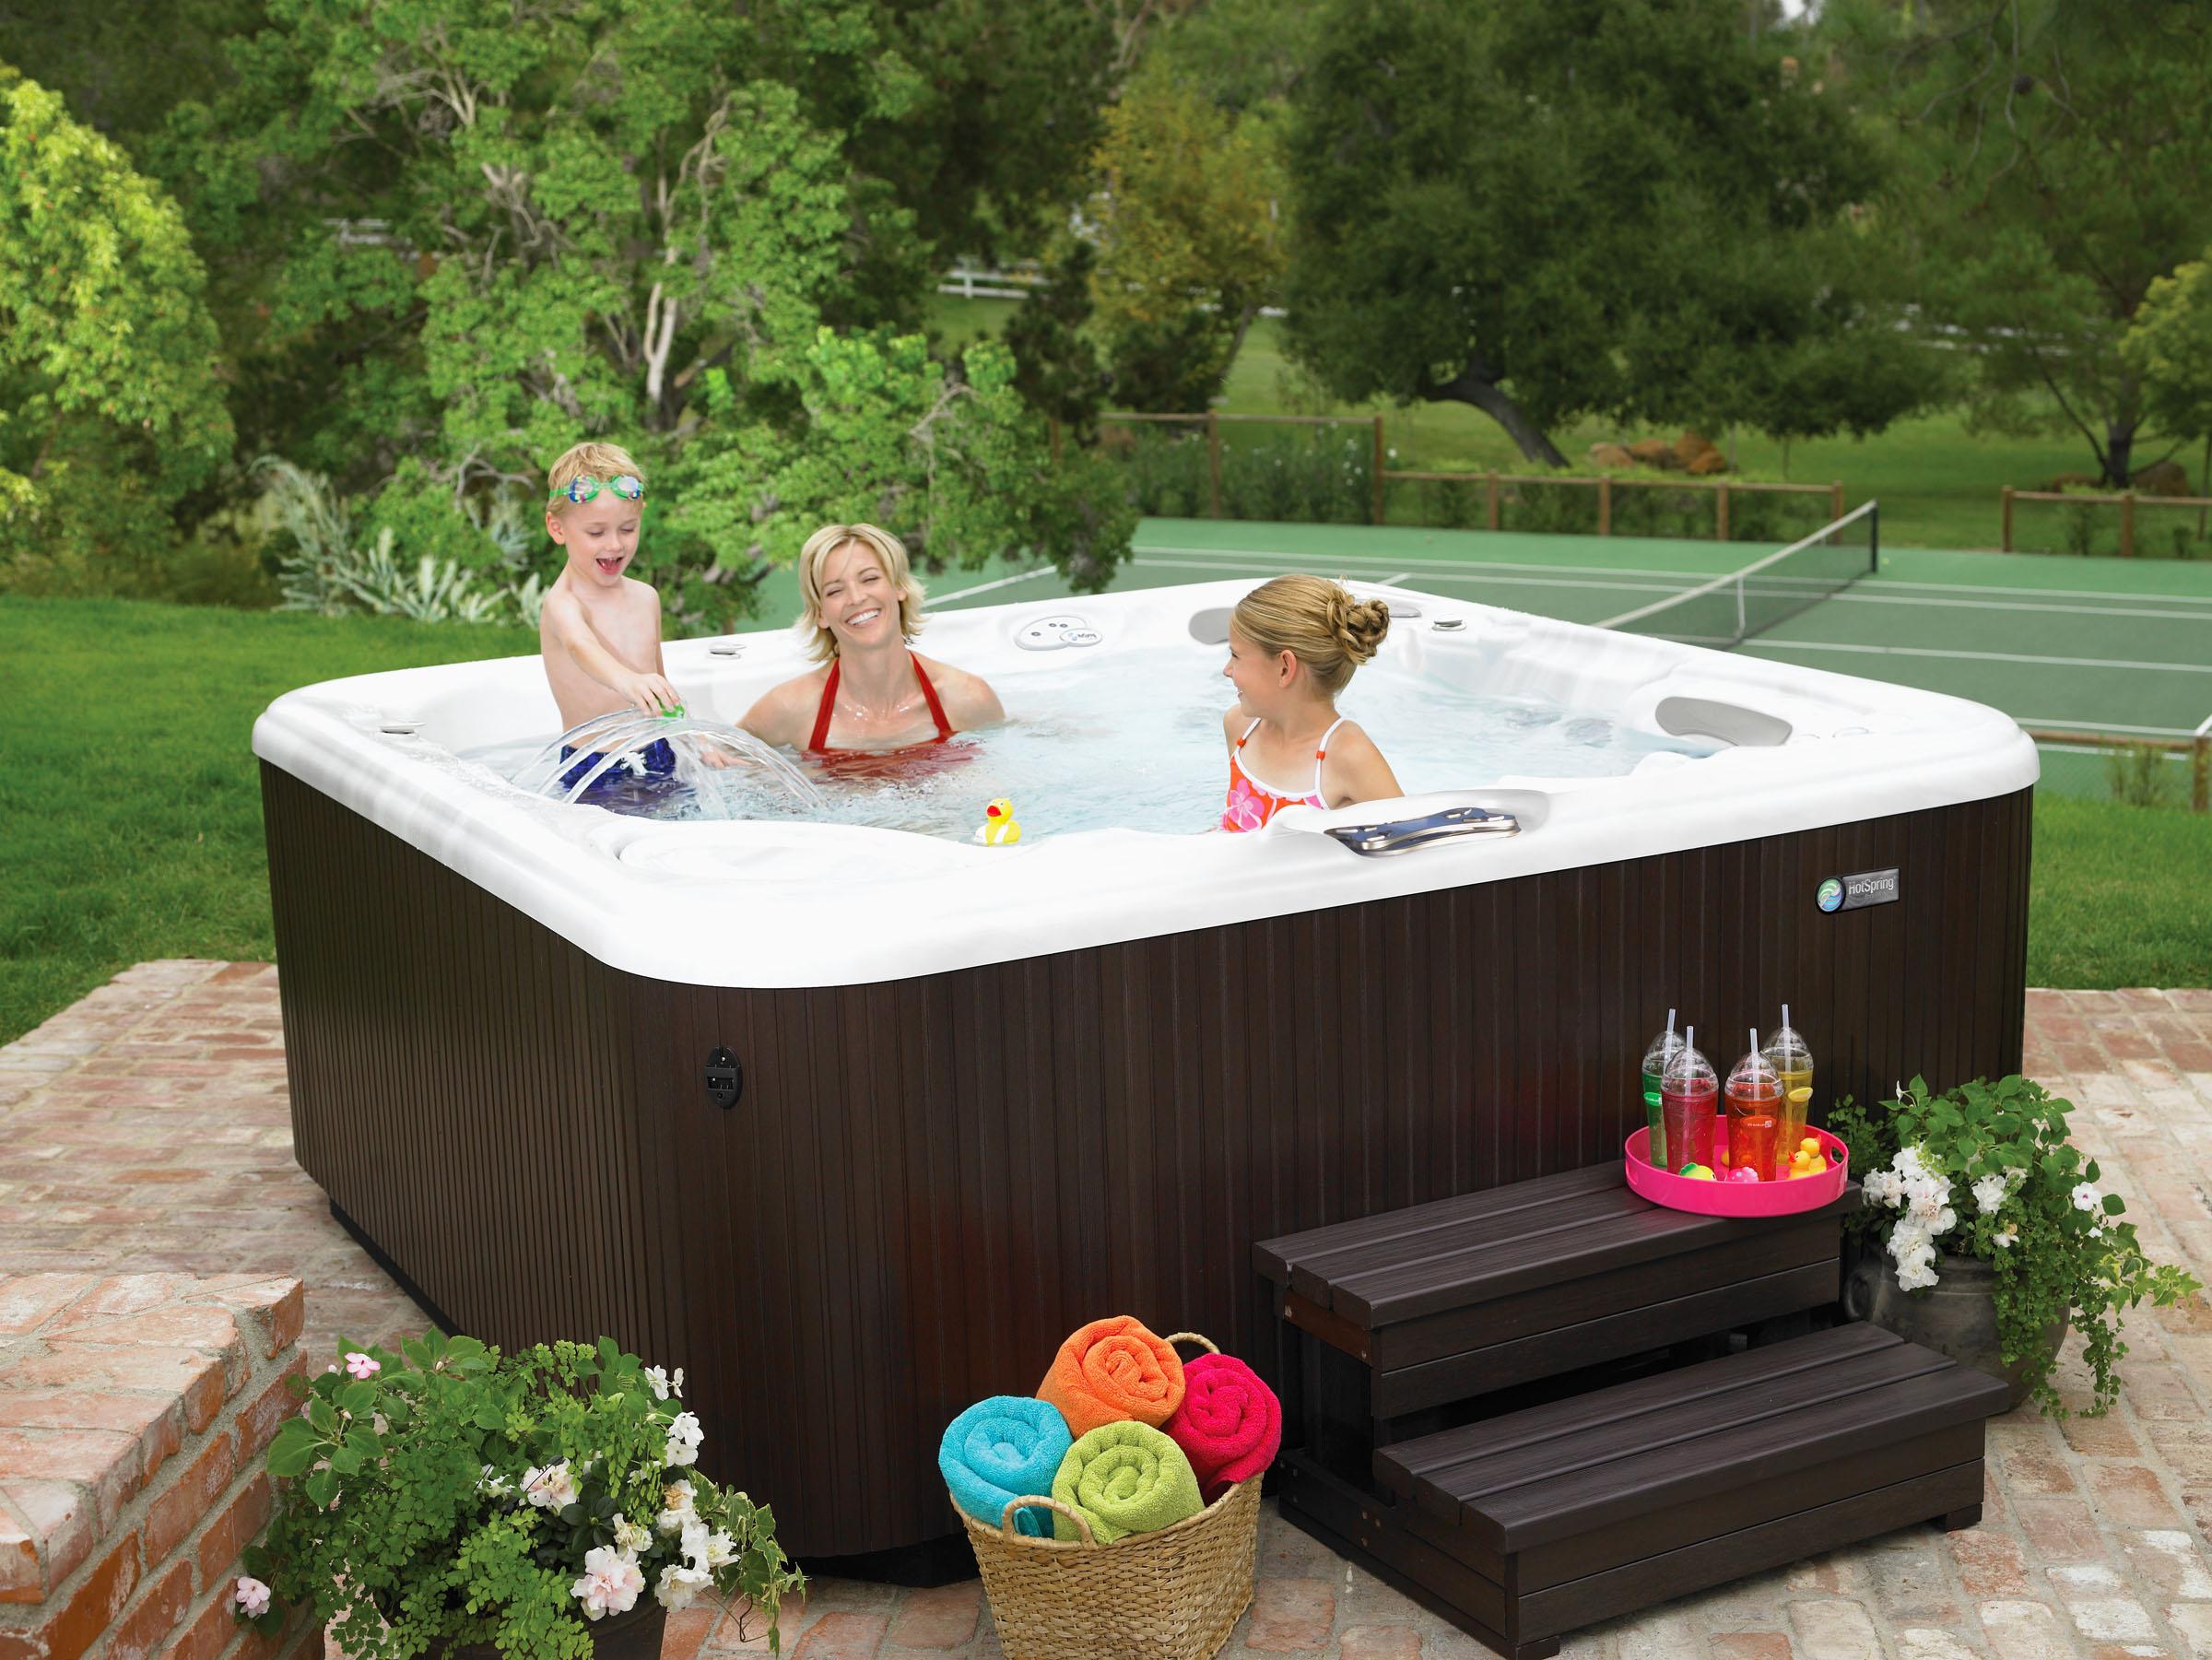 Interior Design For Whirlpool Für Garten Ideas Of Was Nach Unerschwinglichem Aussieht,lässt Sich Problemloser Verwirklichen,